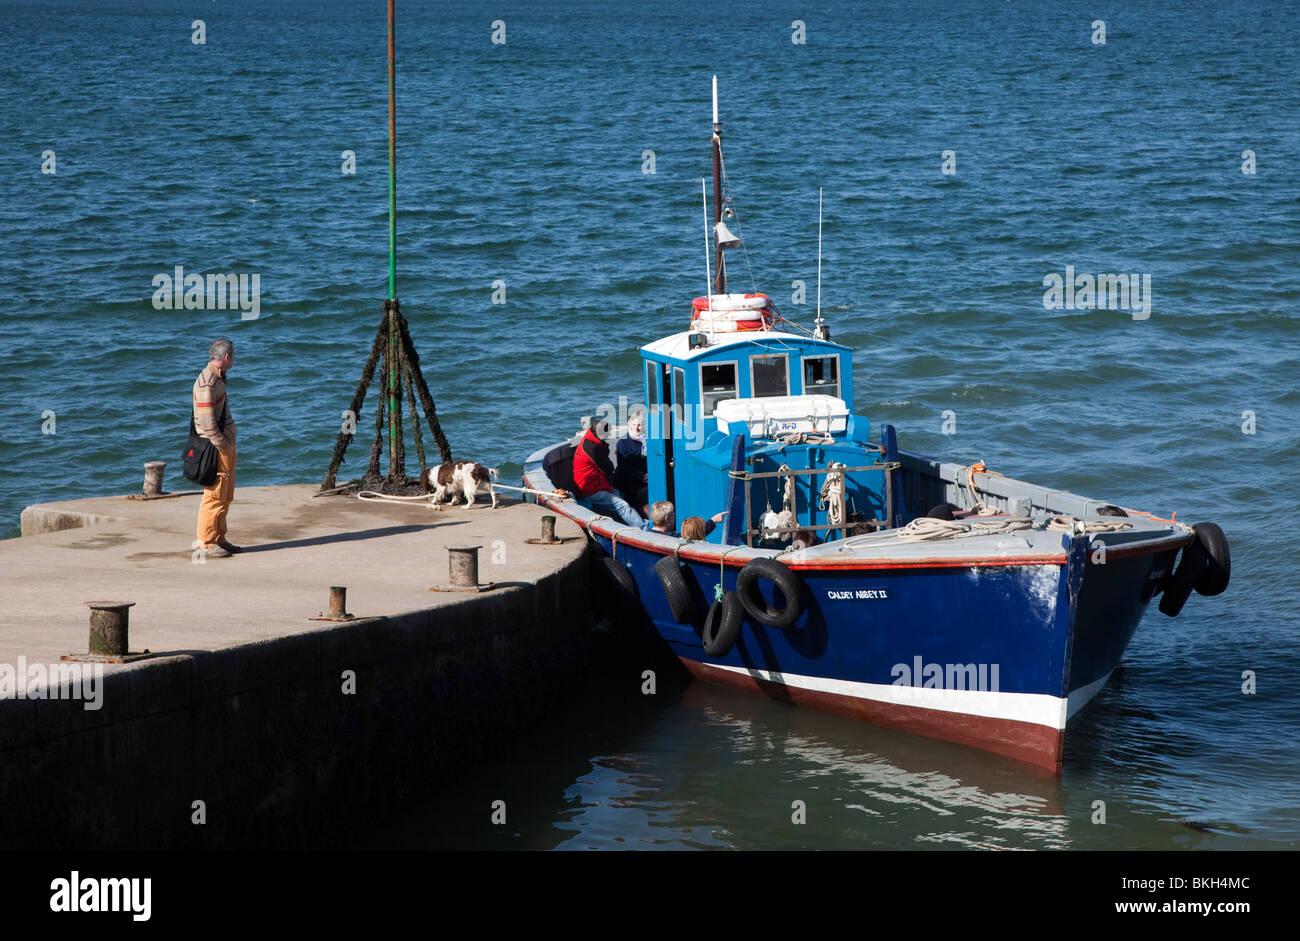 Día de viaje en lancha al embarcadero de la isla Caldey Gales pembrokeshire UK Imagen De Stock